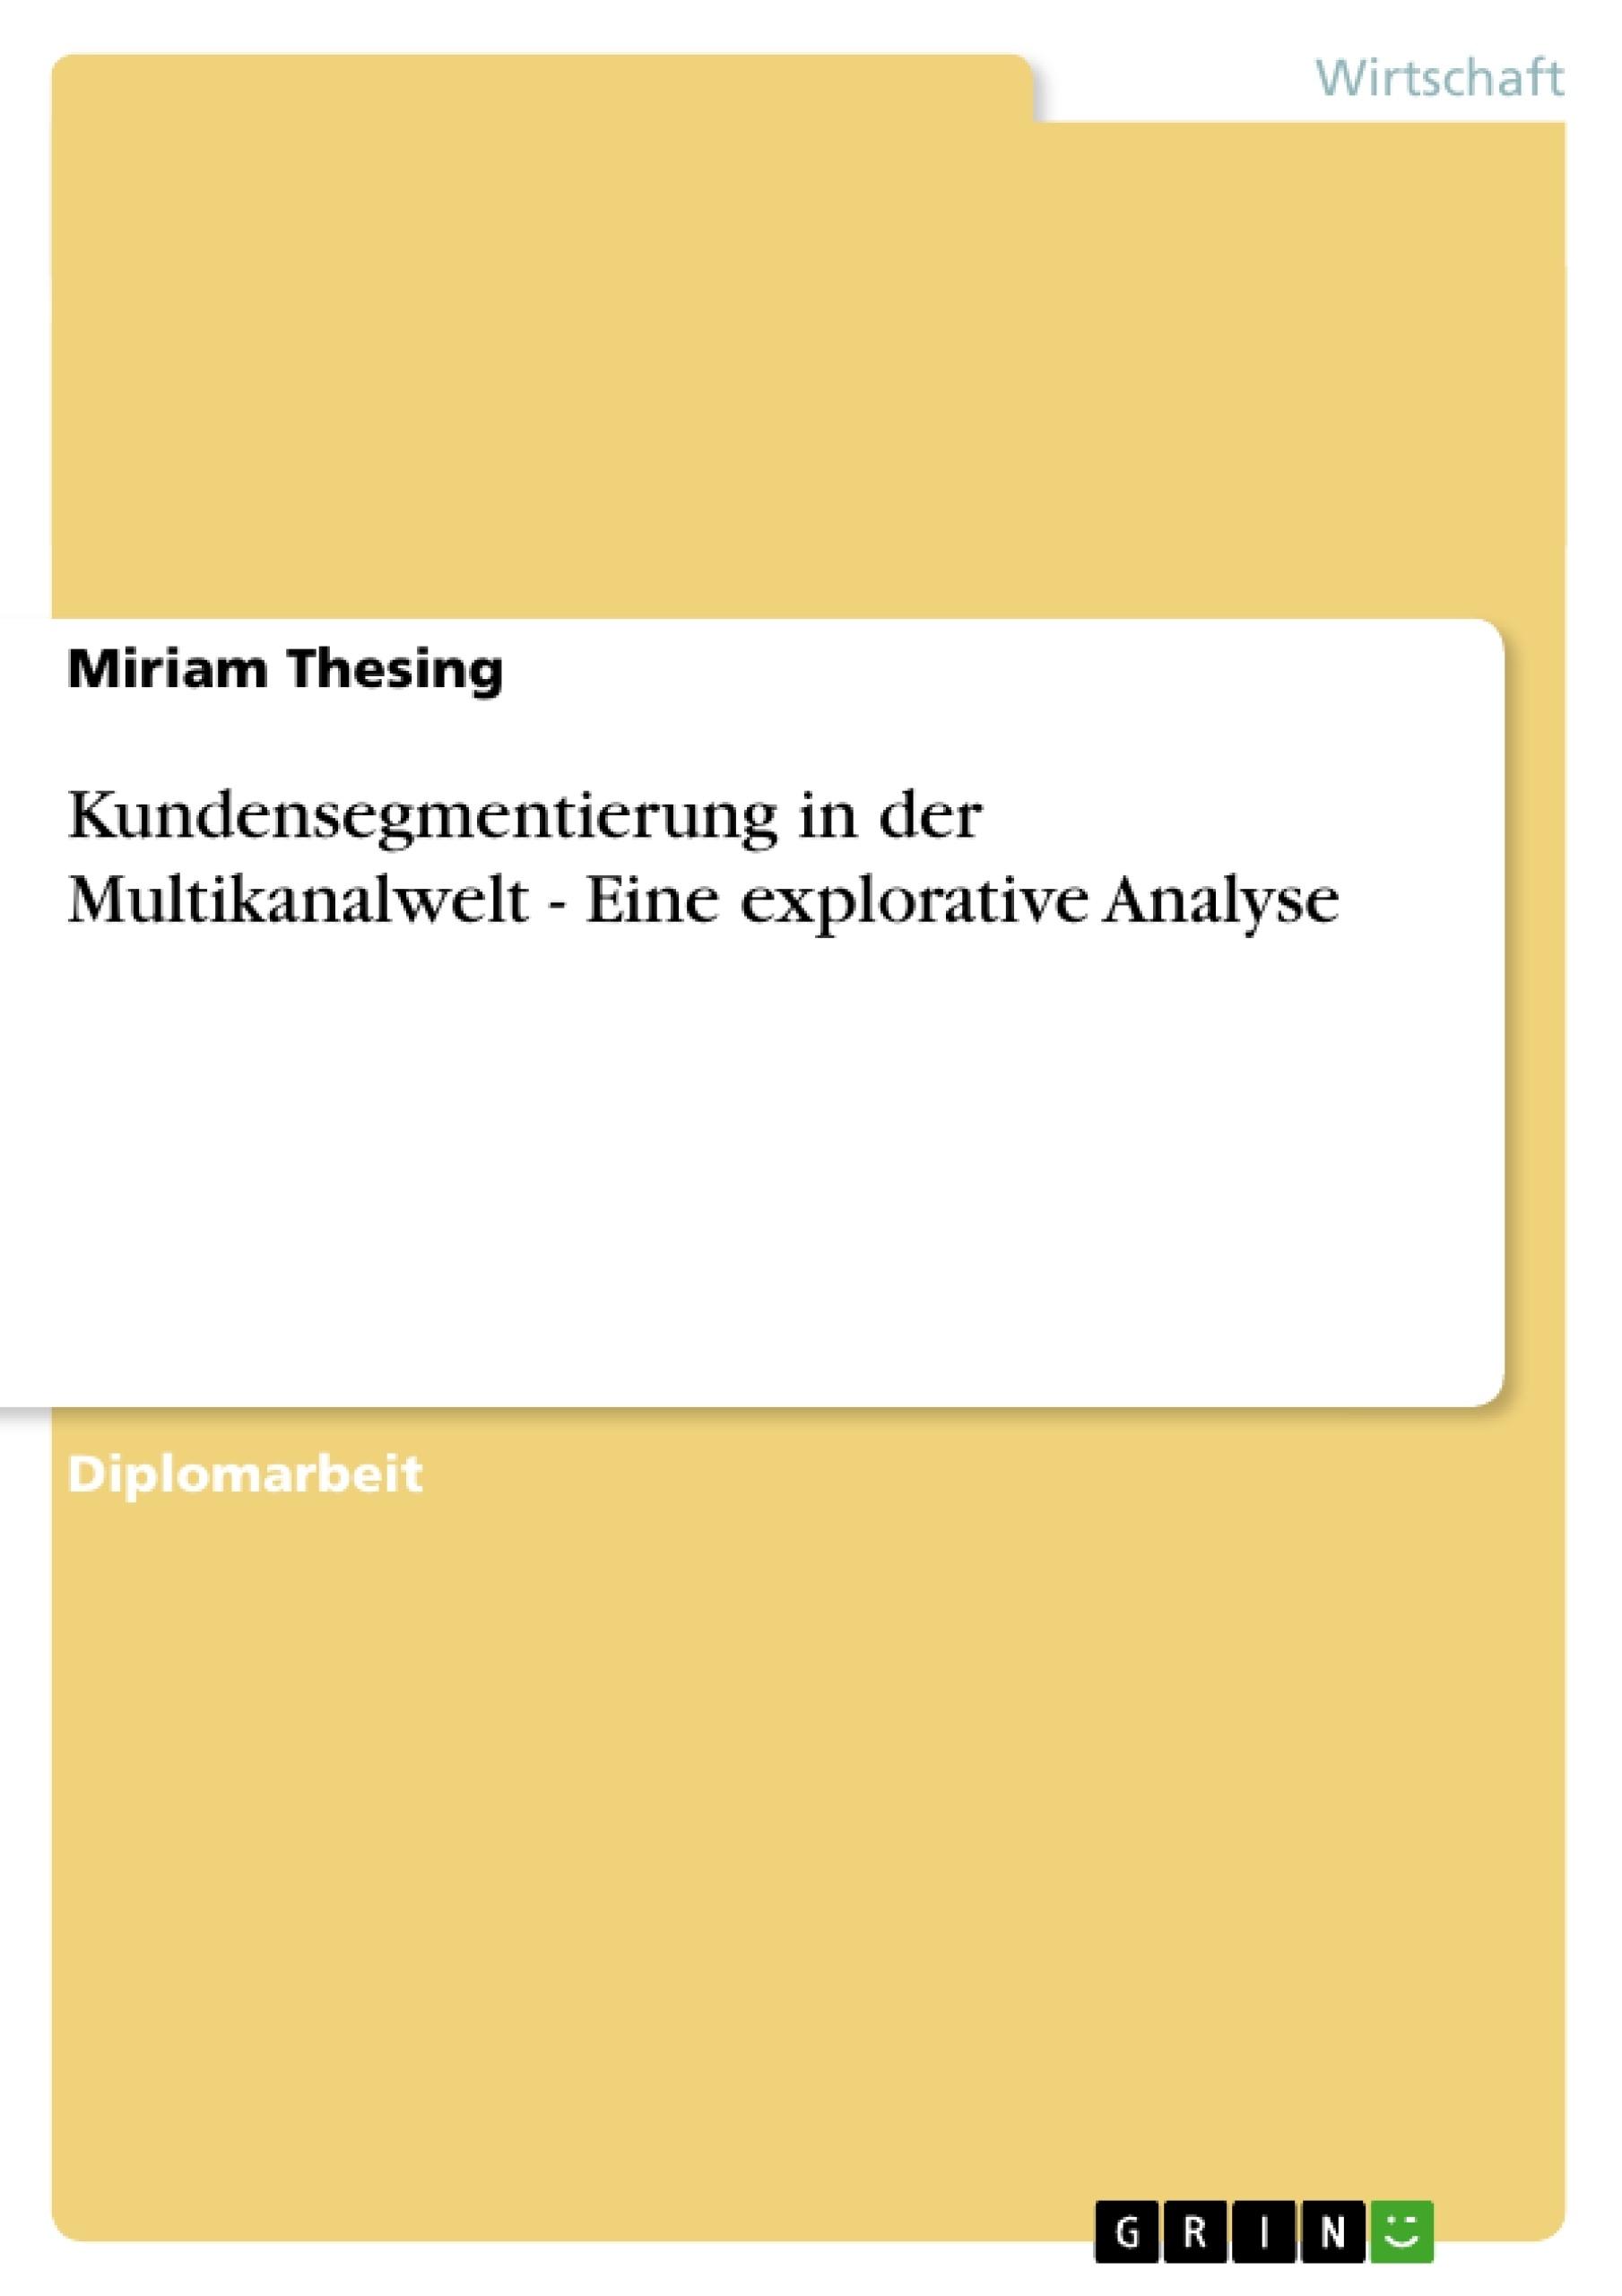 Titel: Kundensegmentierung in der Multikanalwelt - Eine explorative Analyse